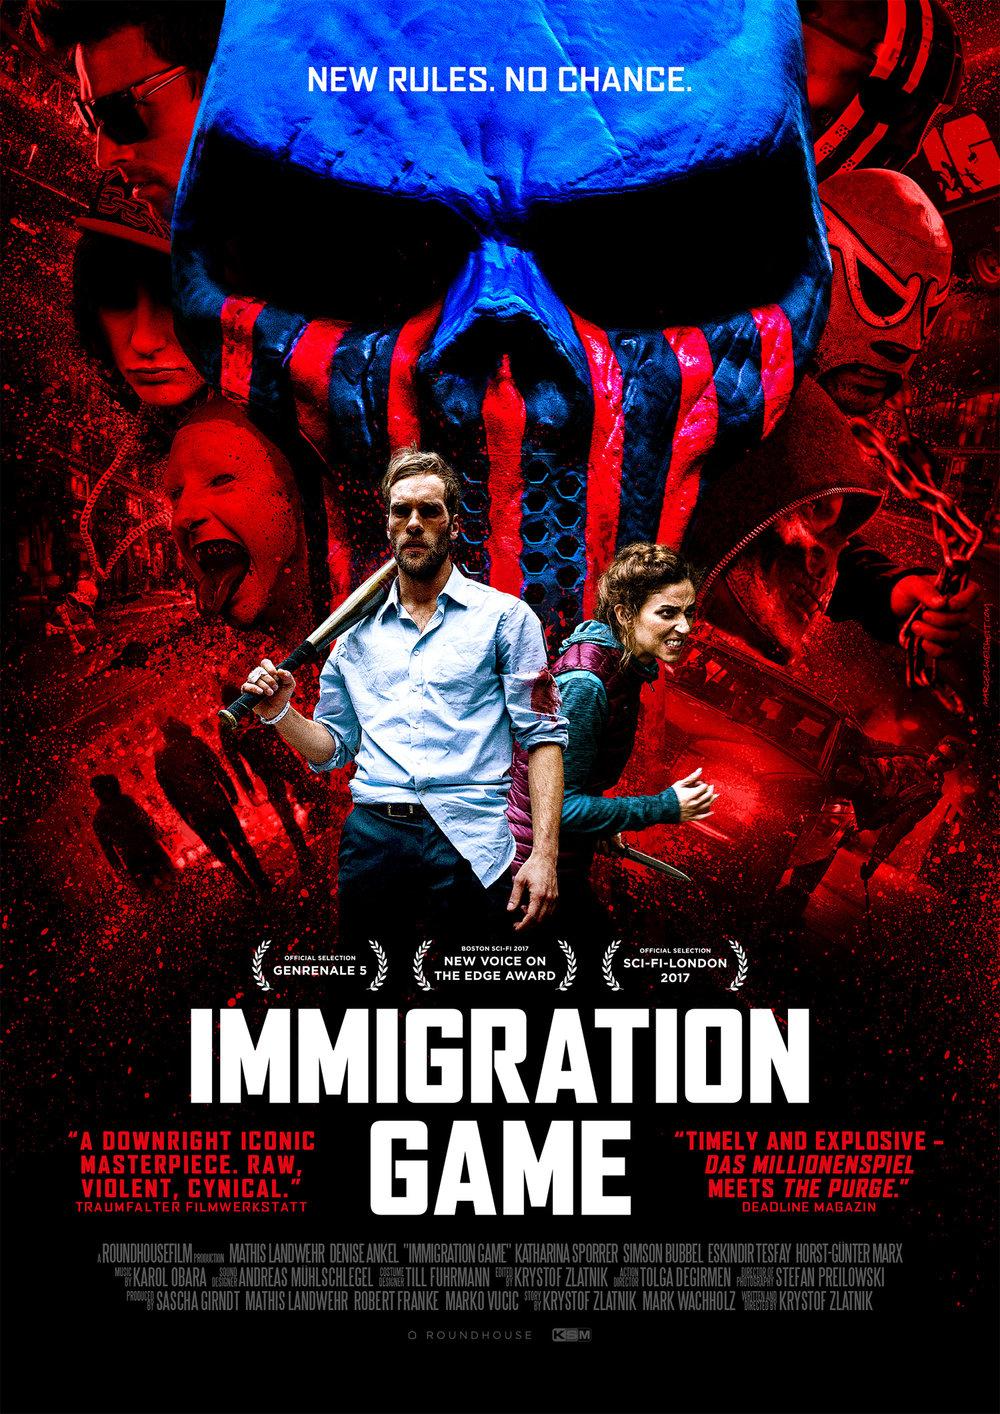 immigration-game_teaser-poster.jpg